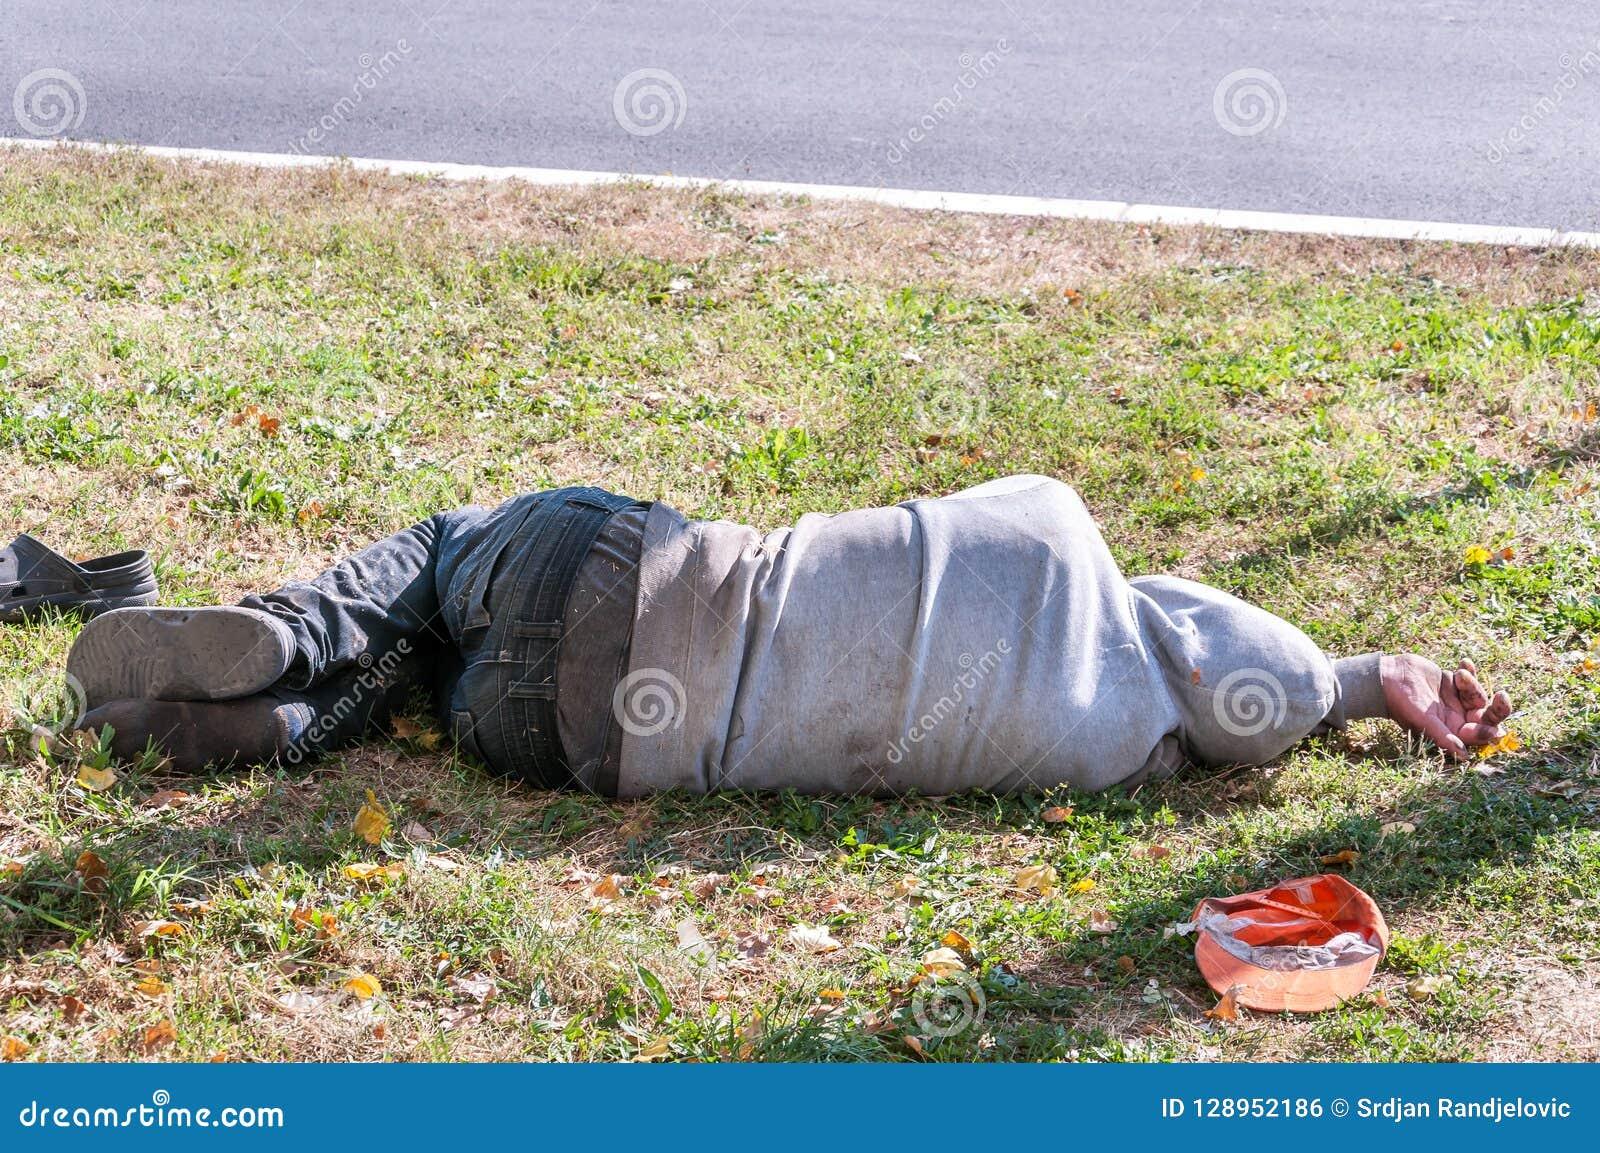 Oude van de vuile gedronken of drugverslaafde blootvoetse daklozen of vluchteling mensenslaap op het gras in het straat sociale d